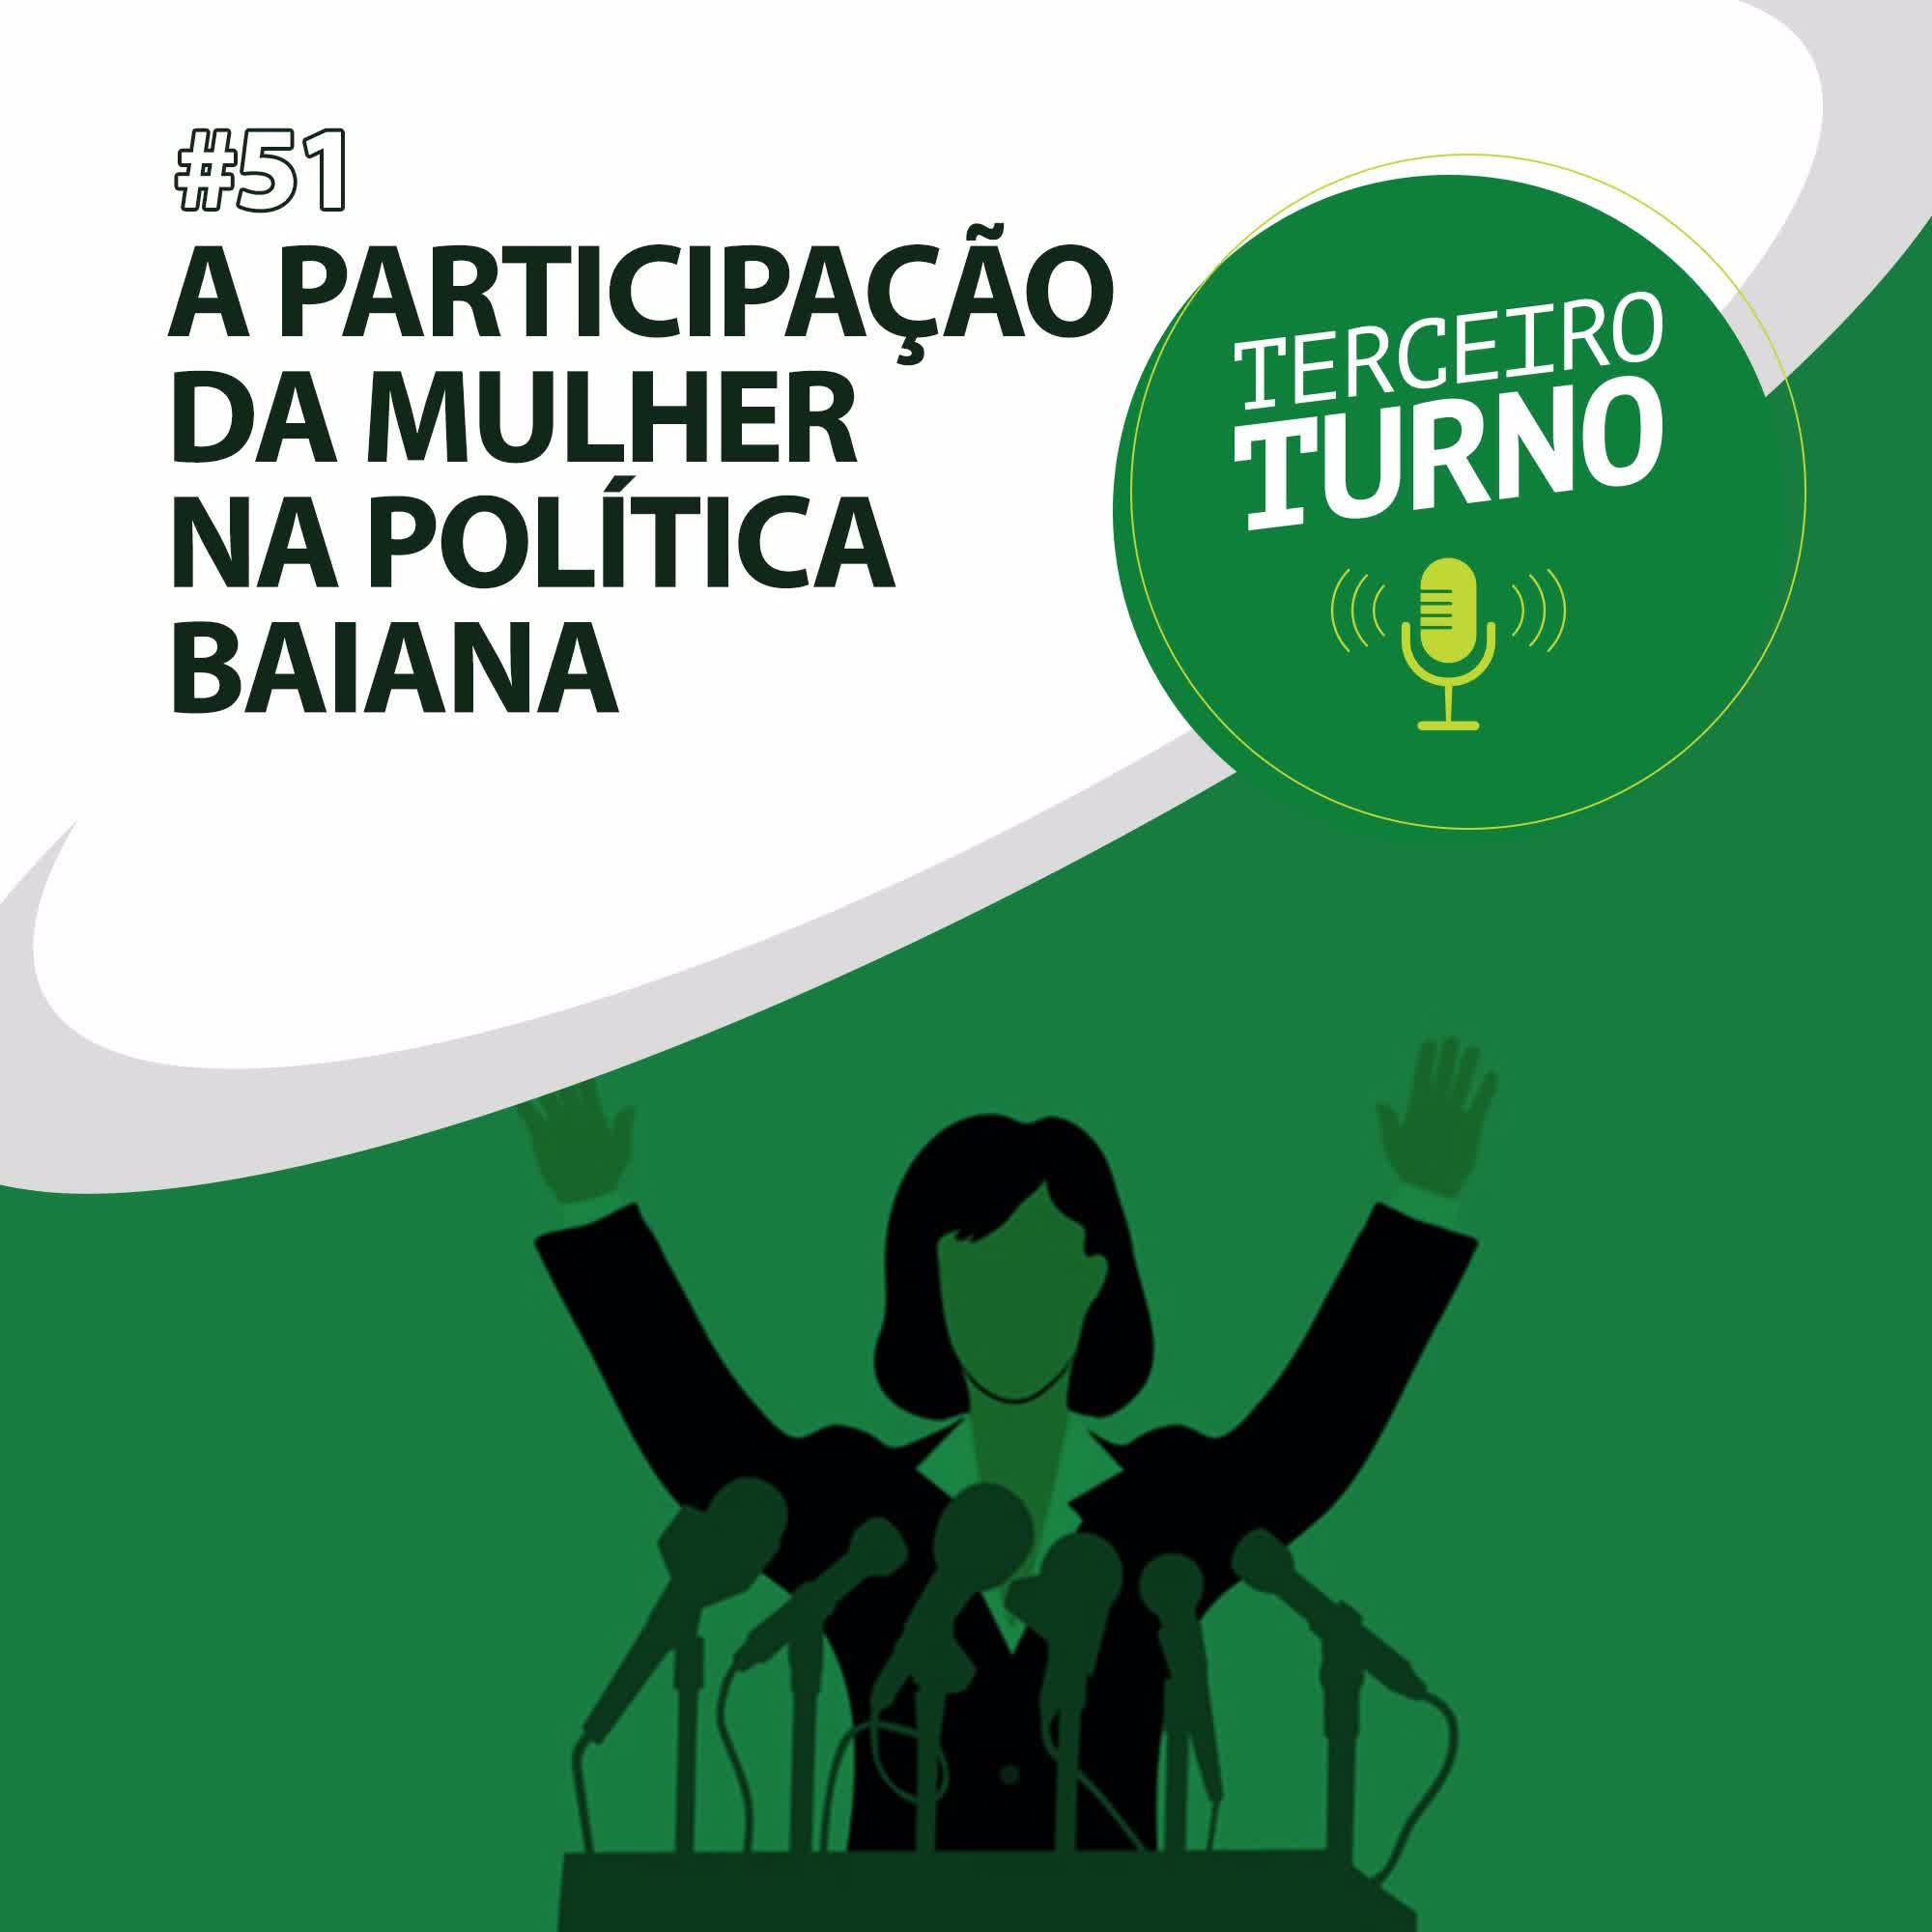 Terceiro Turno #51: A participação da mulher na política baiana